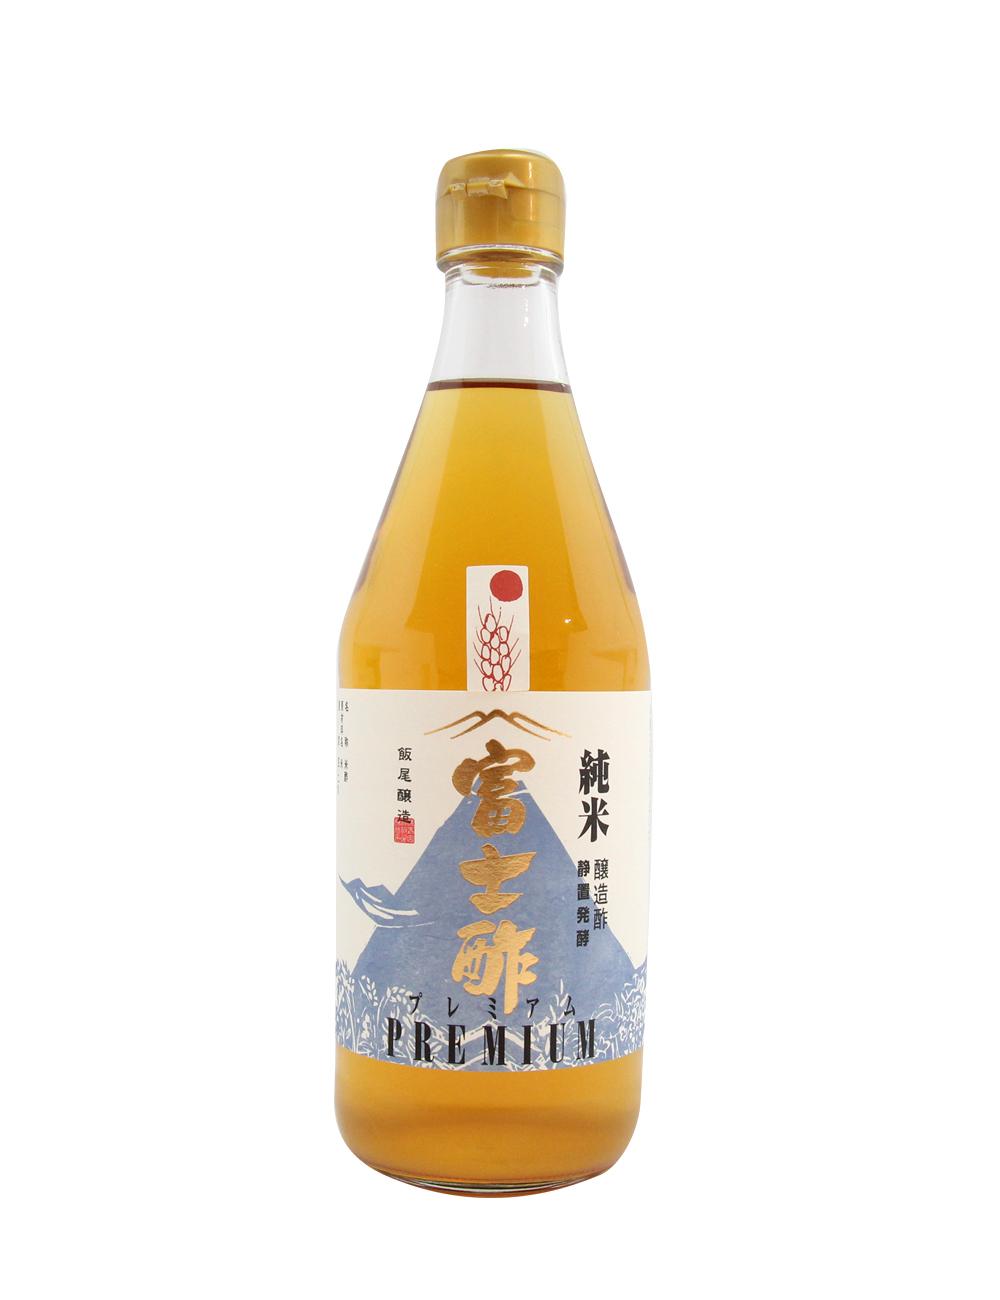 純米醸造酢 富士酢 プレミアム 静置発酵